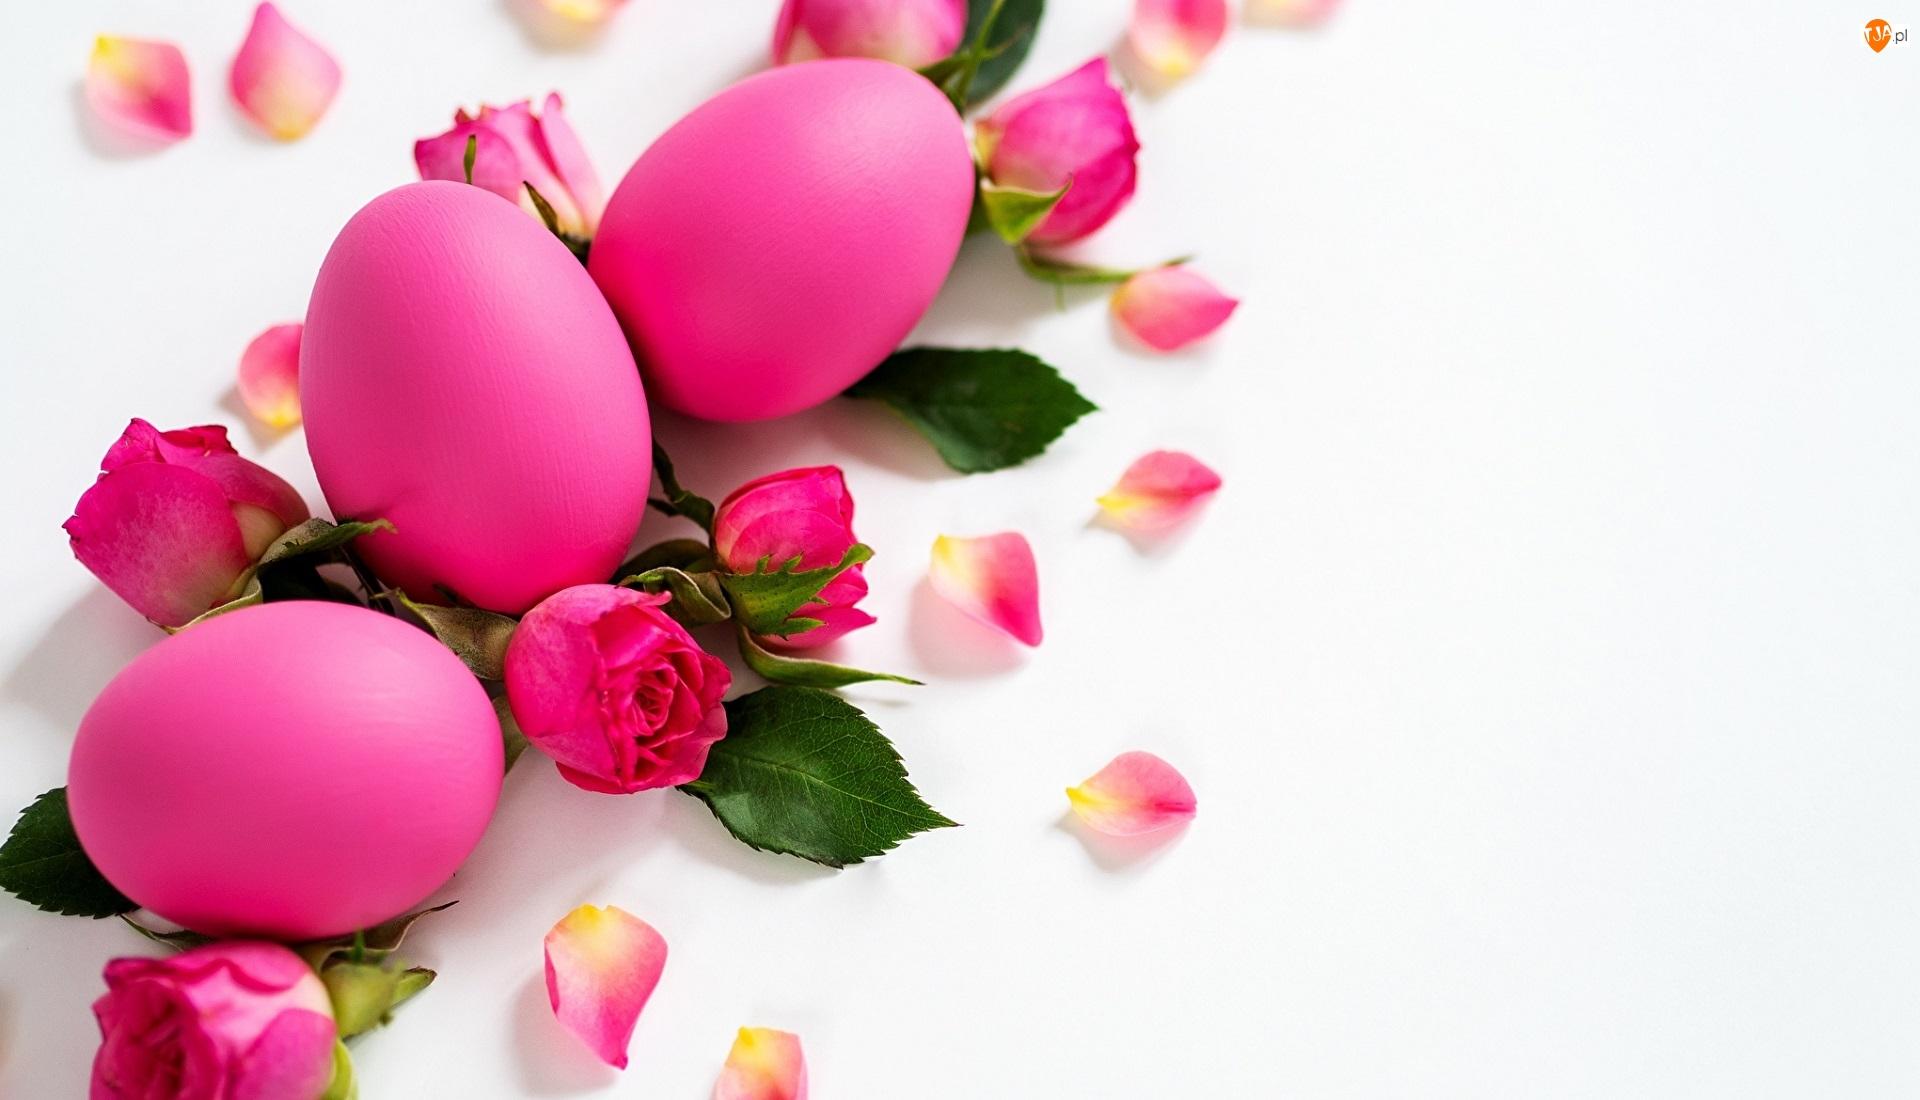 Różowe, Wielkanoc, Pisanki, Płatki, Jajka, Róże